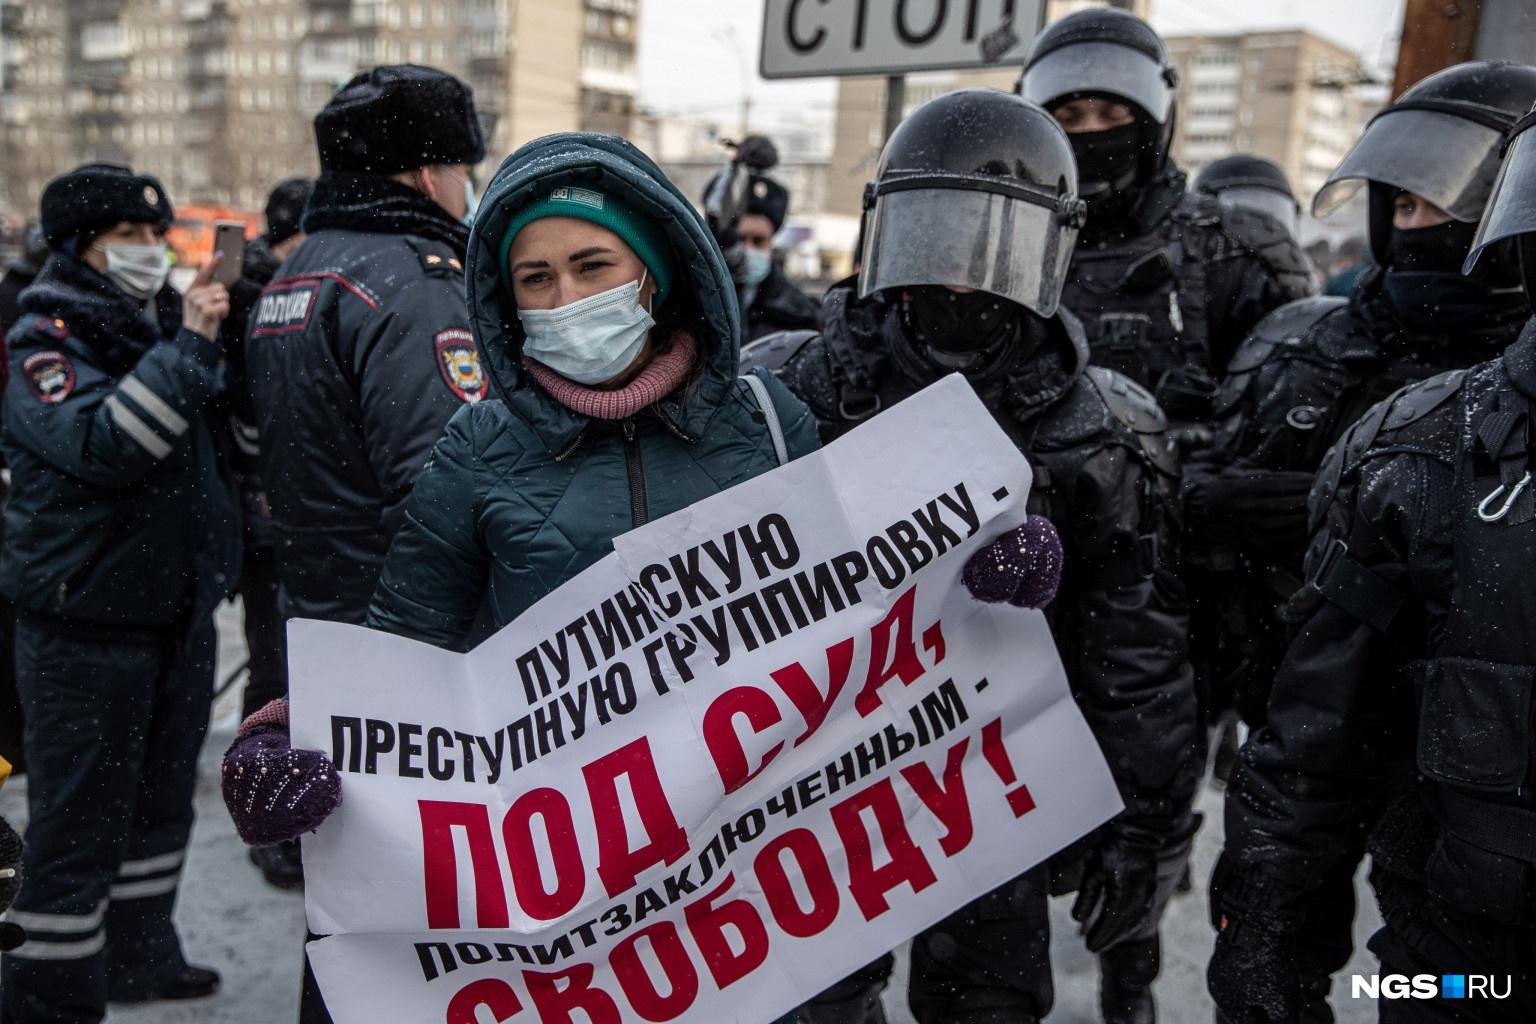 По информации источника НГС, власти были готовы к любому исходу митинга